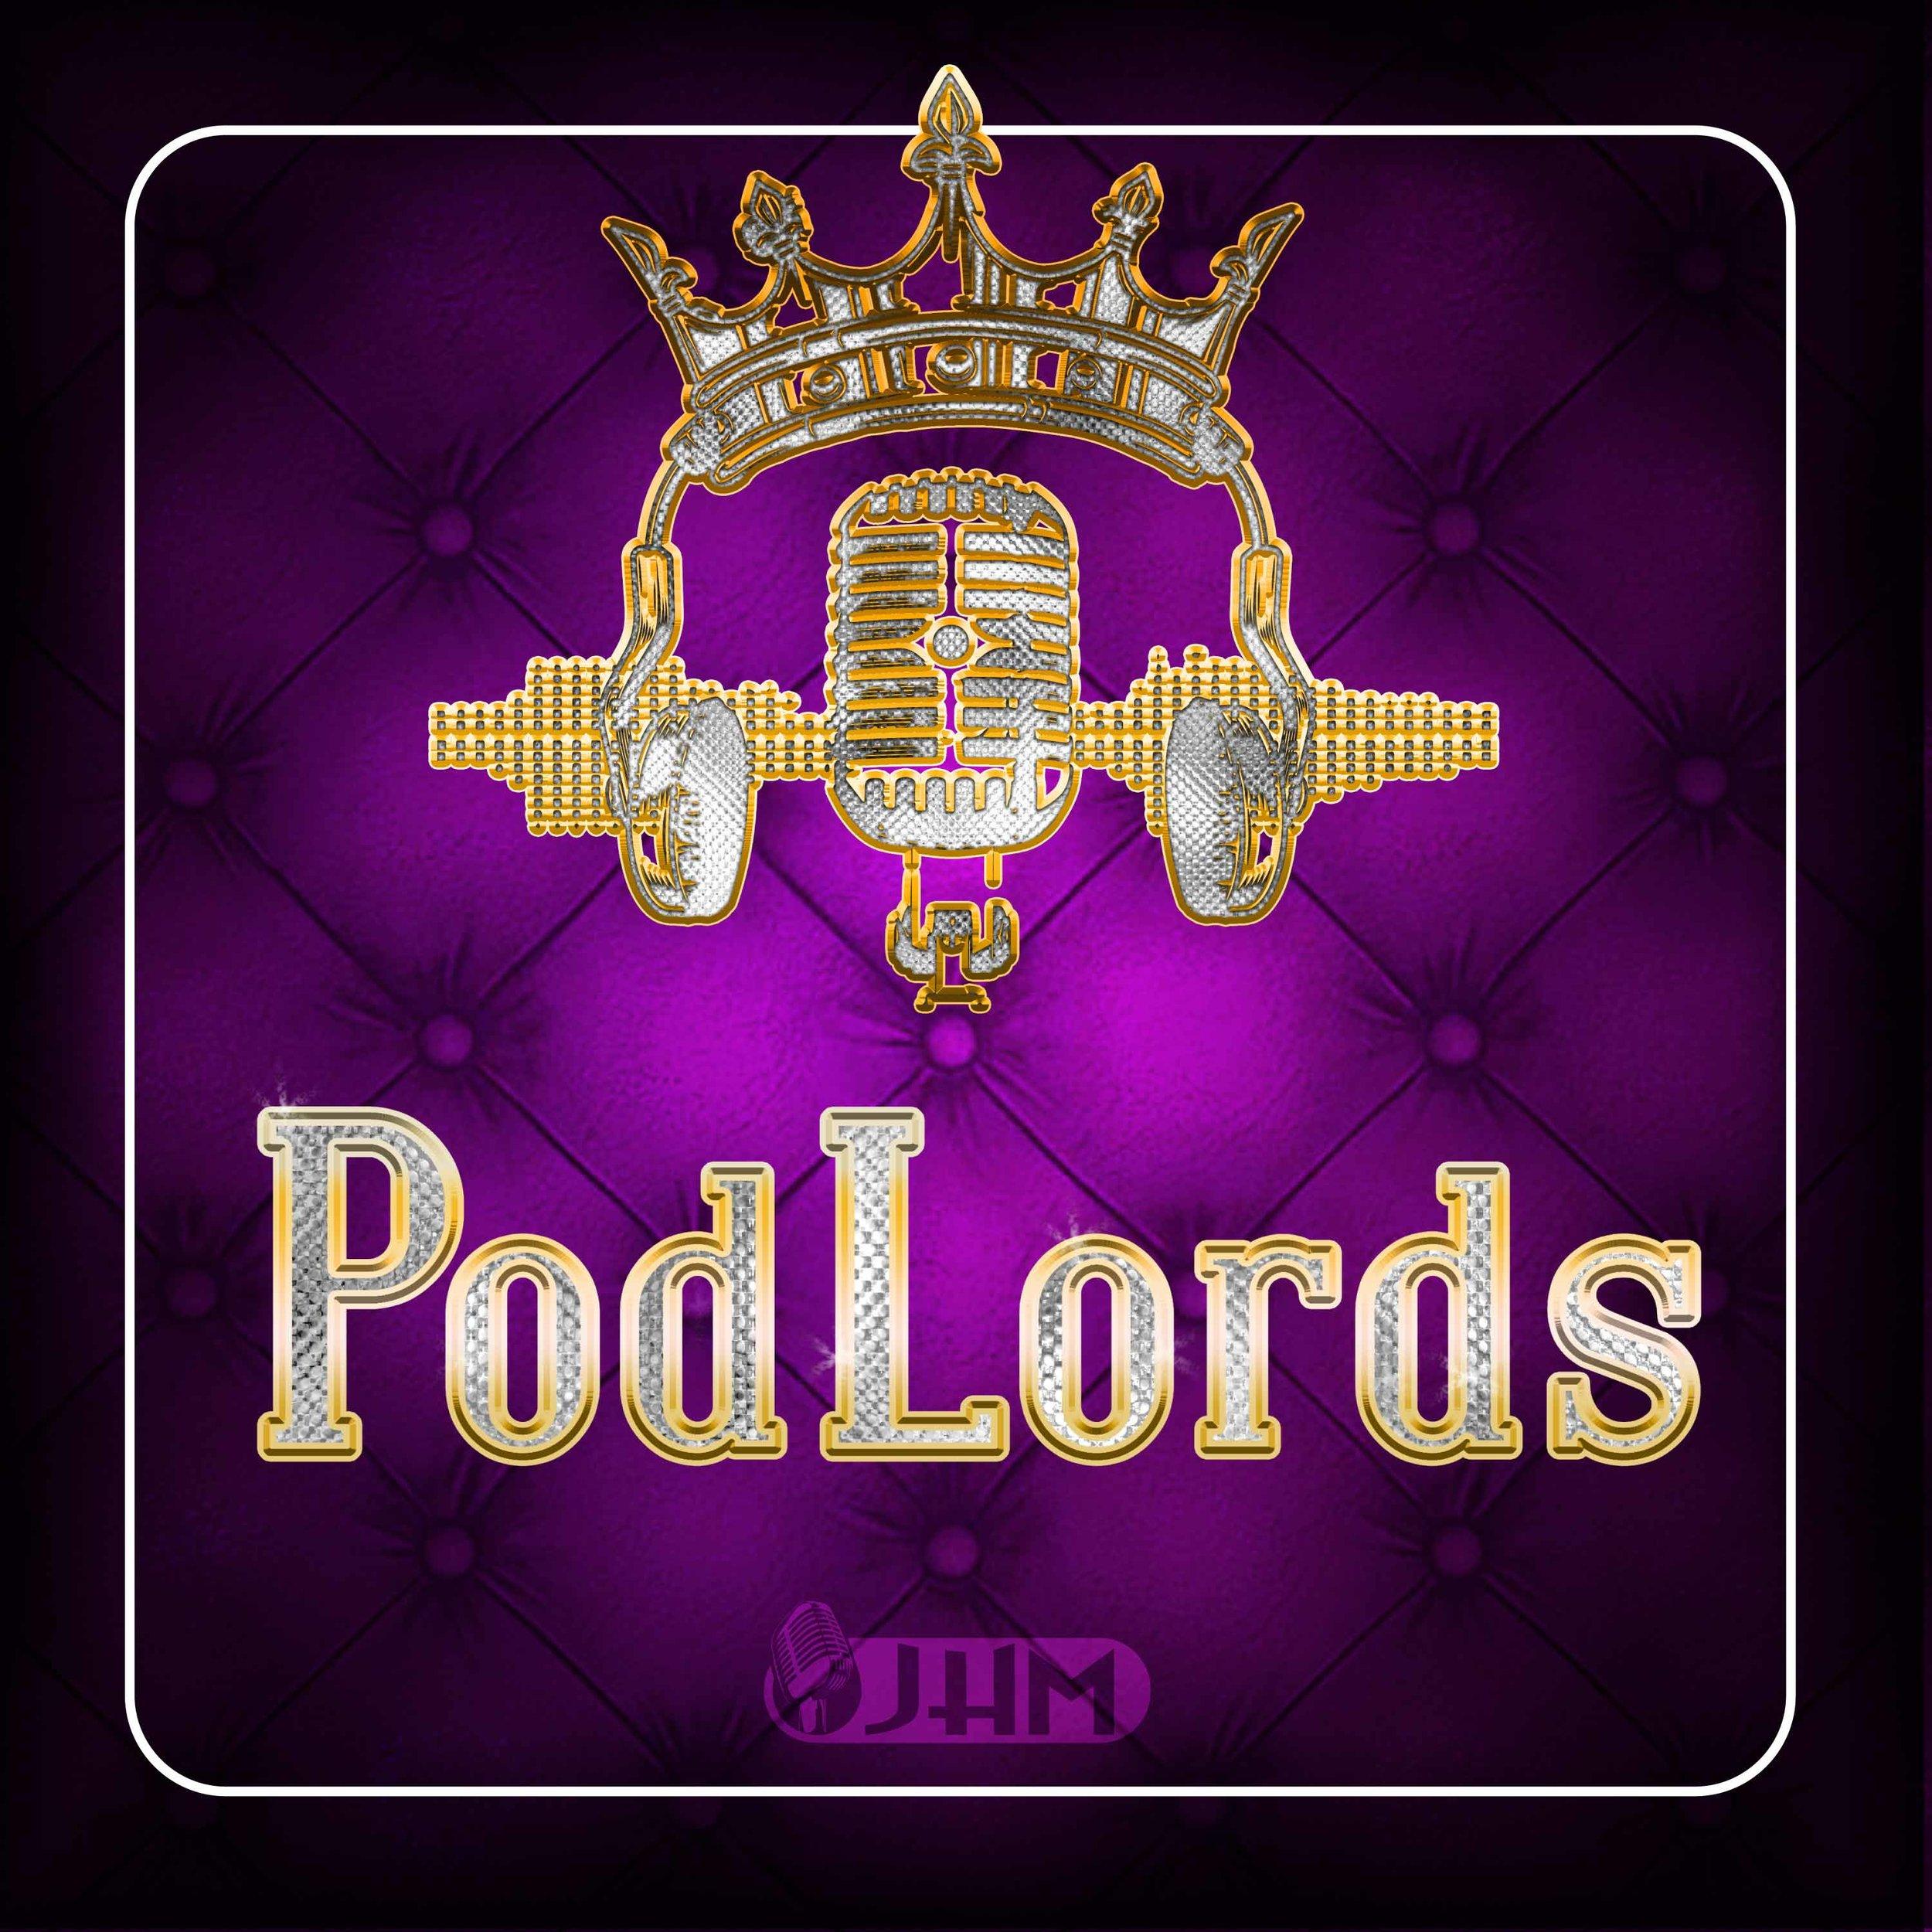 PodLords2.jpg